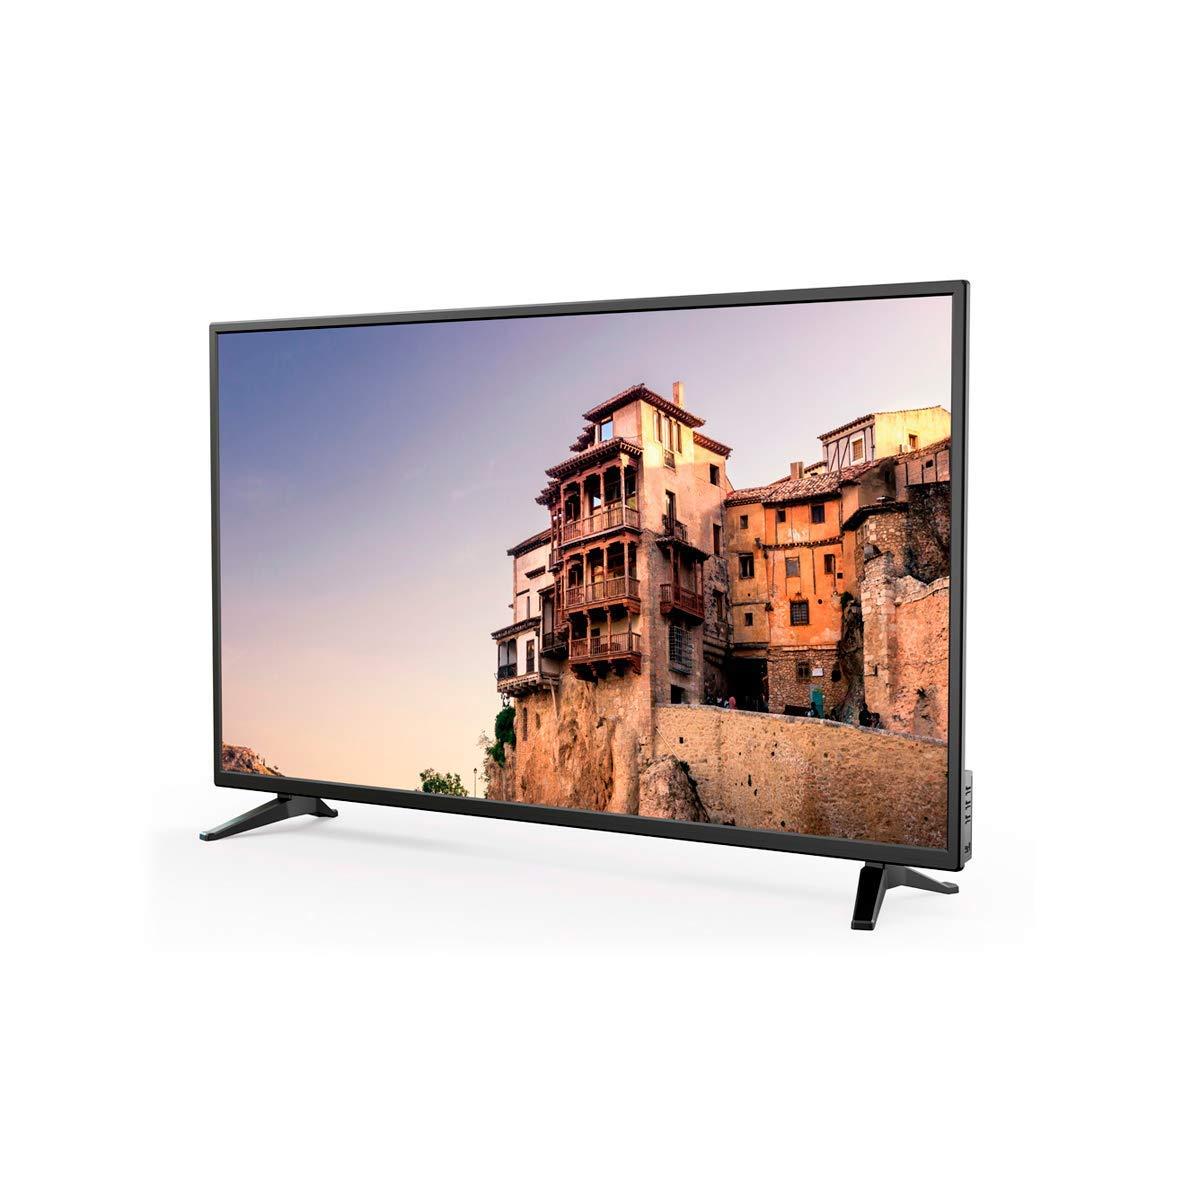 Este es el aspecto del televisor